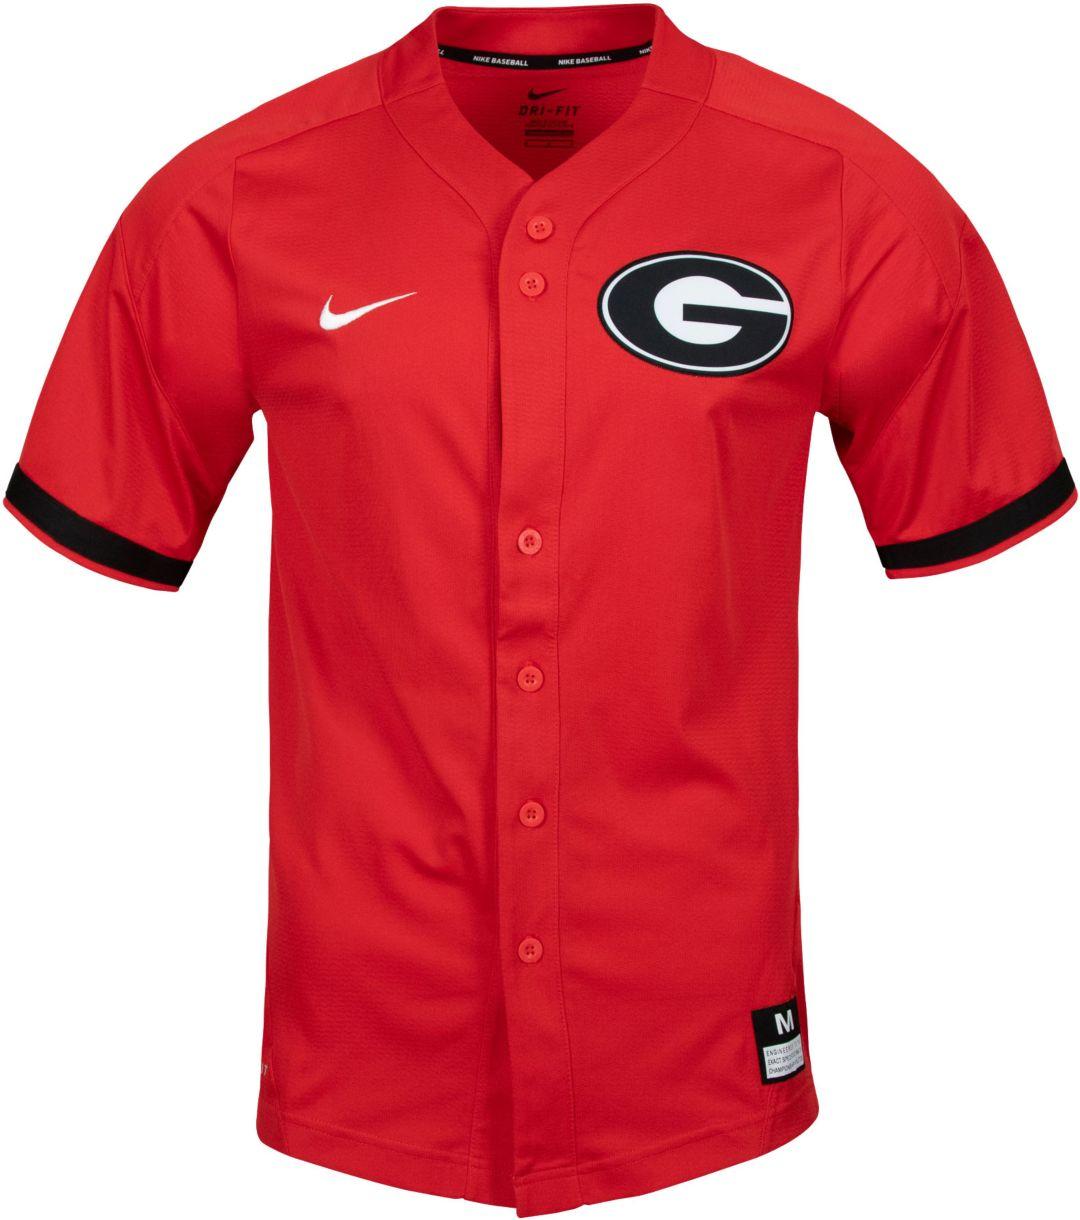 promo code 2bc0c 22bbe Nike Men's Georgia Bulldogs Red Dri-FIT Replica Baseball Jersey